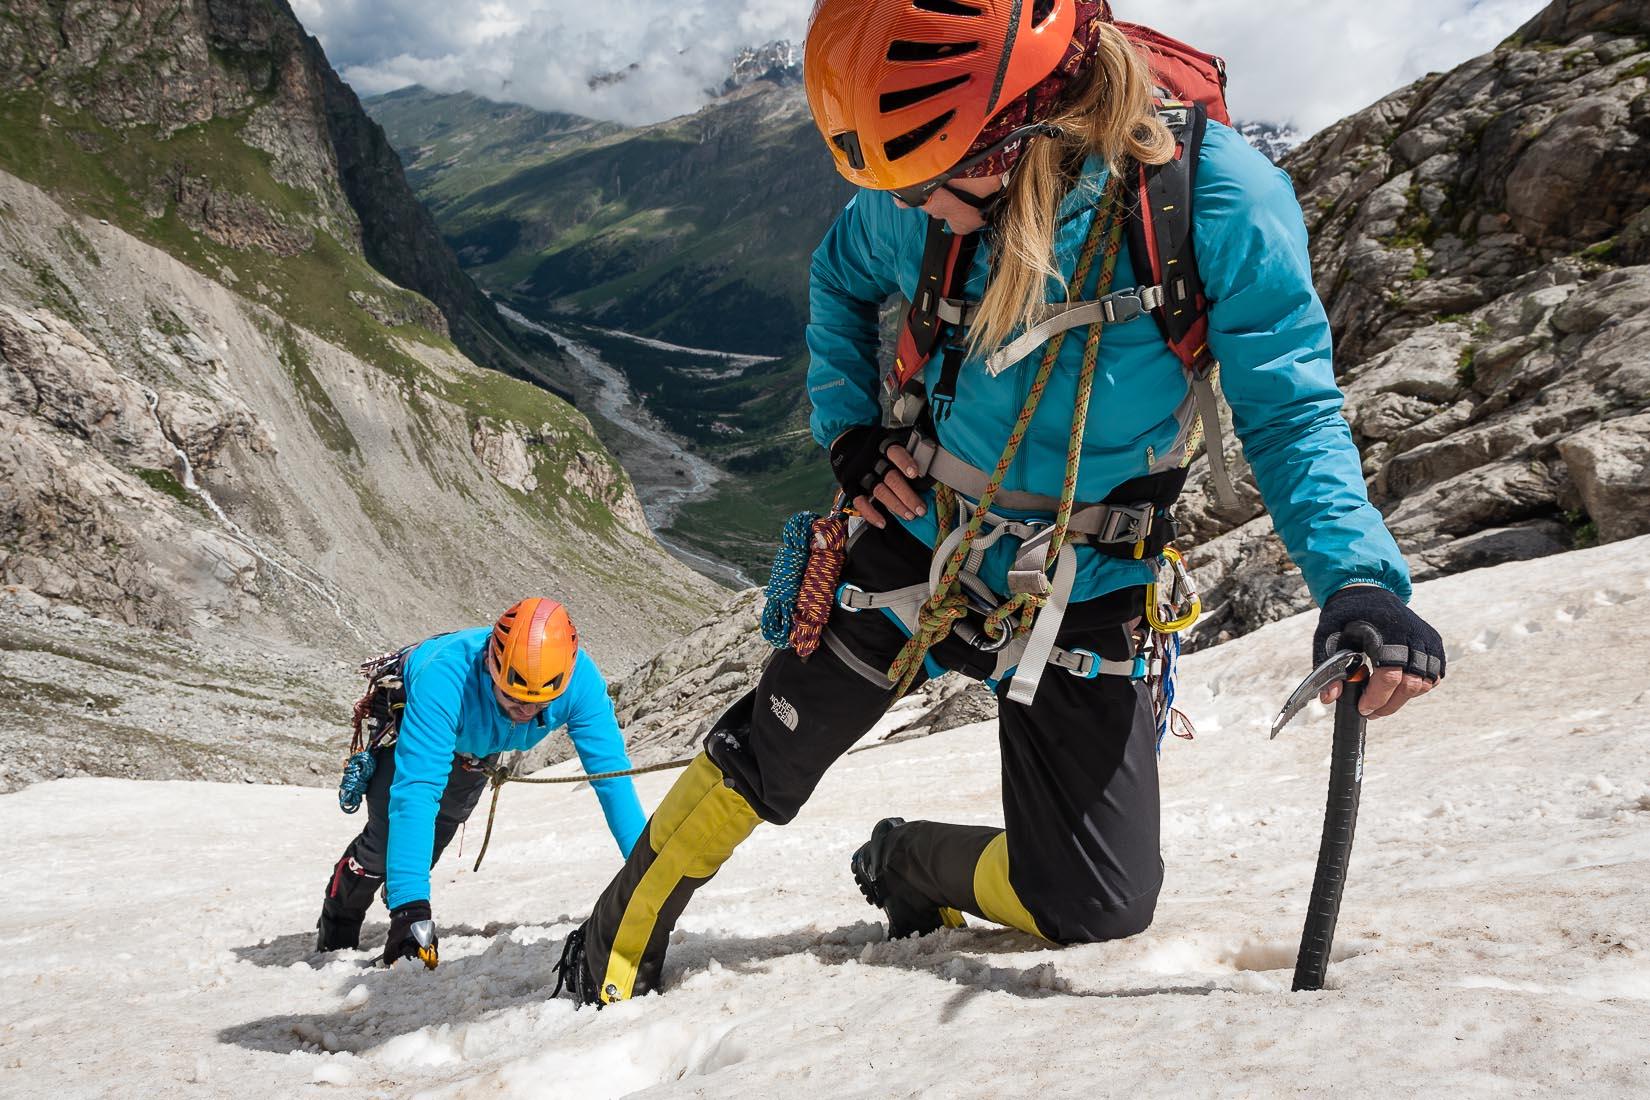 Альпинизм – спорт или отдельный вид туризма?